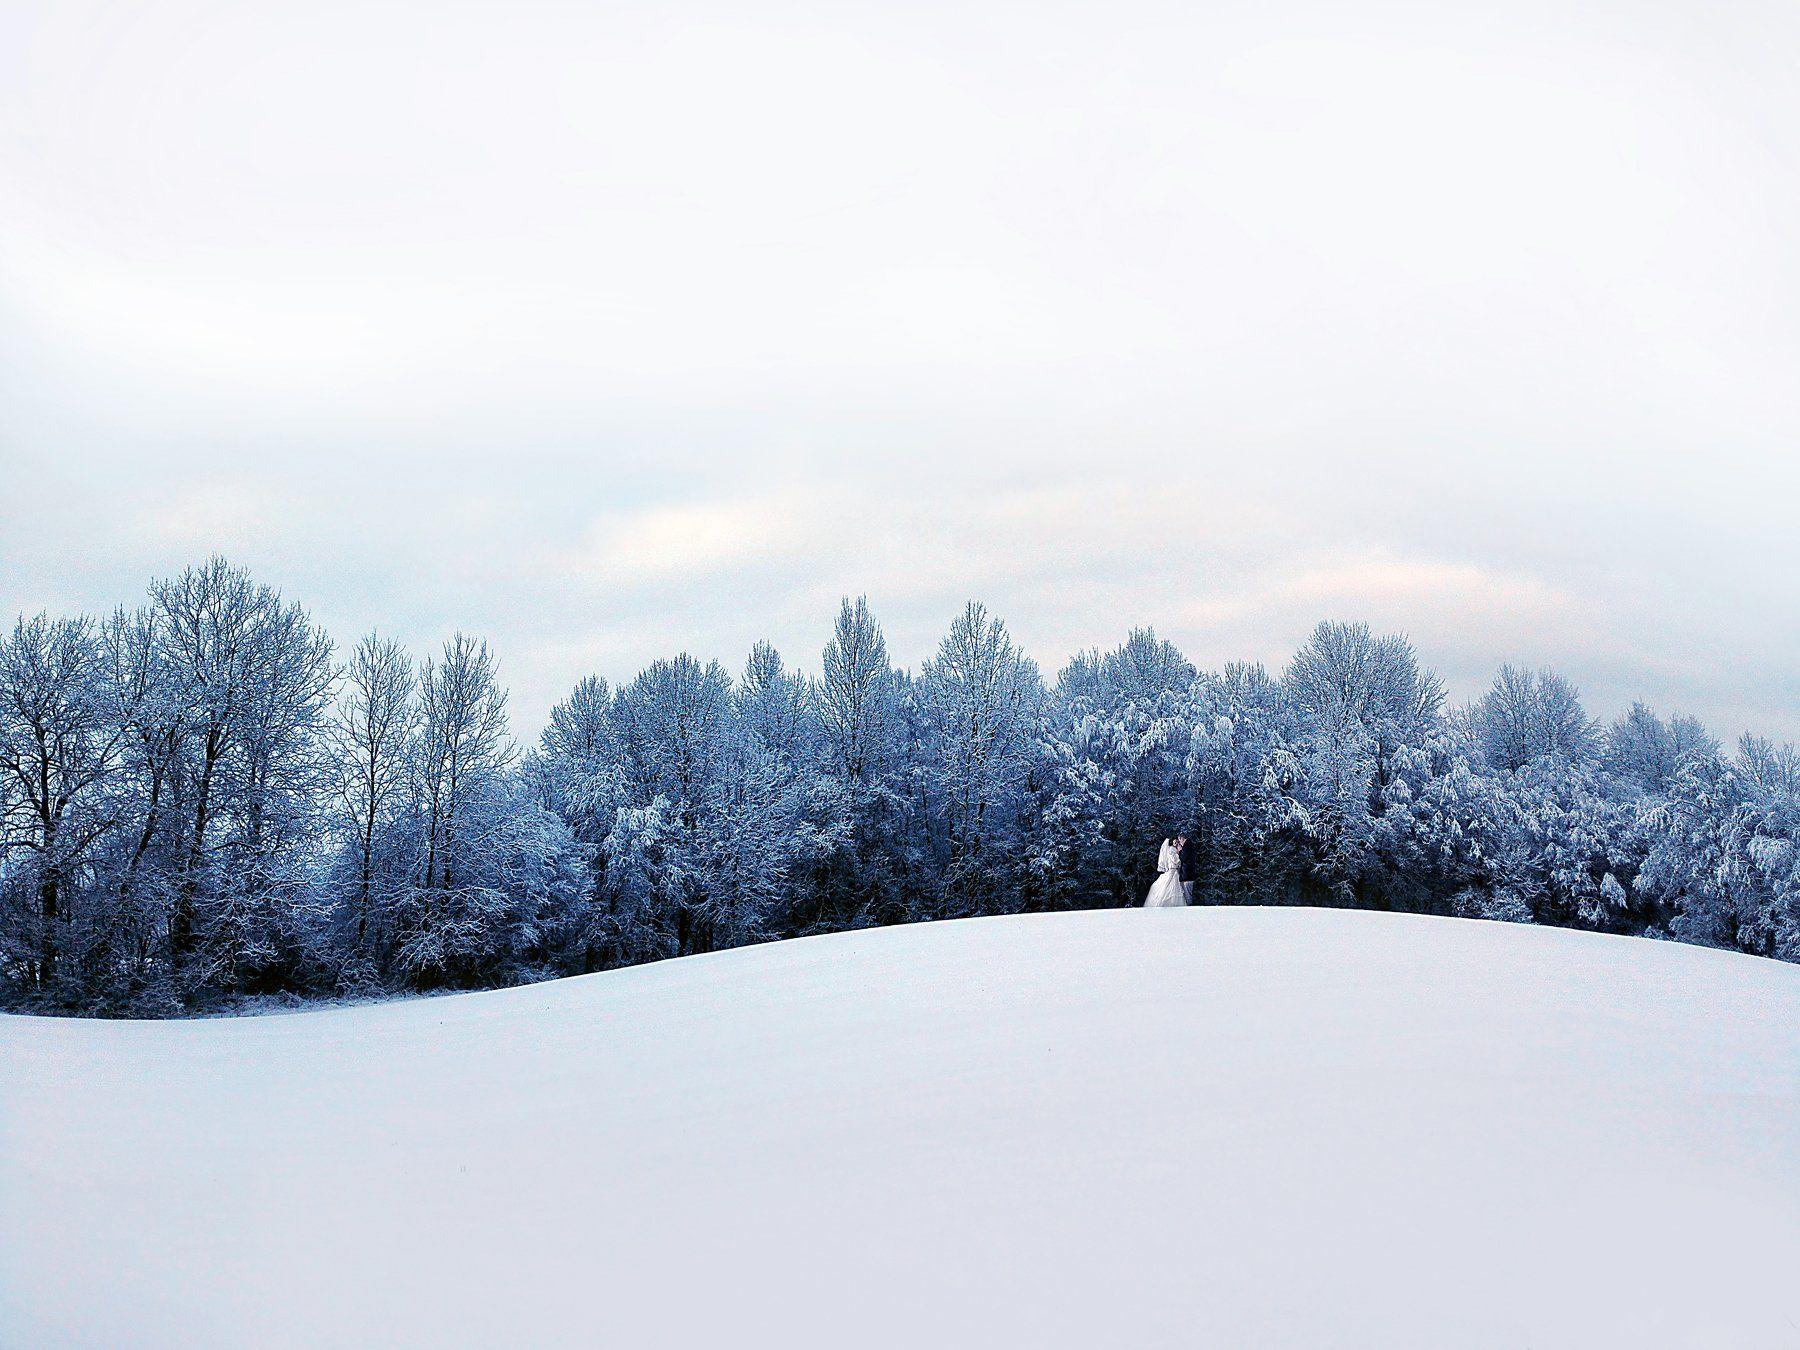 зима прогулка молодожены снег молодожены жених невеста беларусь помолейко pomoleyko свадьба свадебное, Павел Помолейко